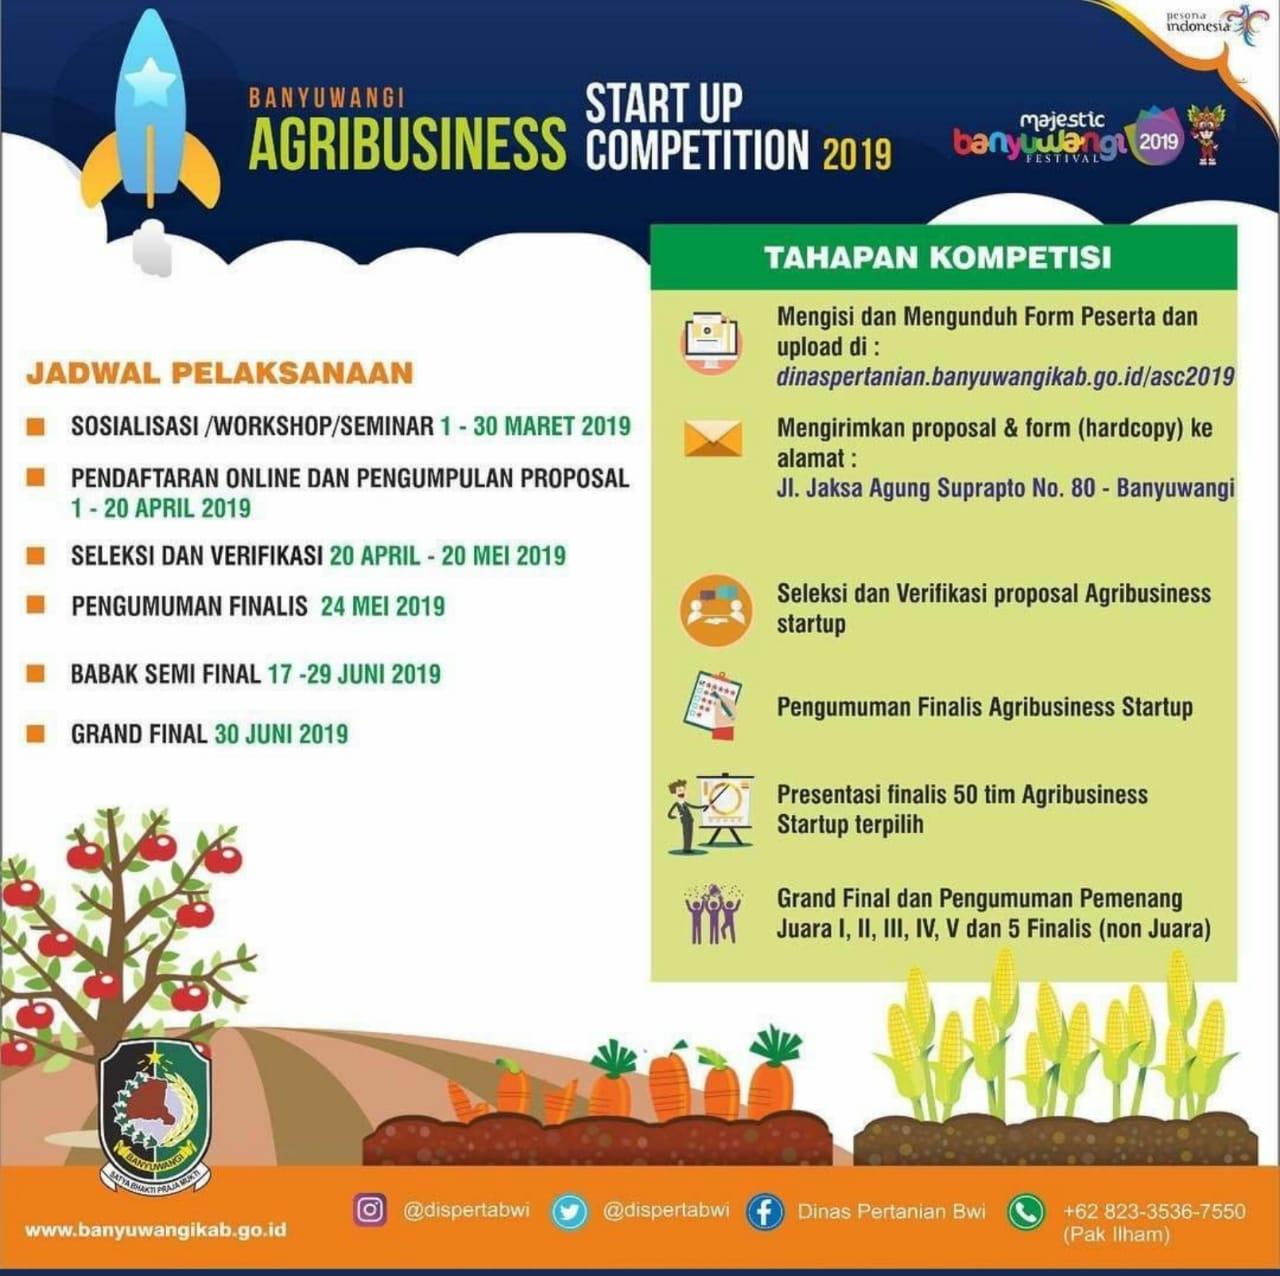 Mekanisme PendaftaranBANYUWANGI AGRIBUSINESS STARTUP COMPETITION